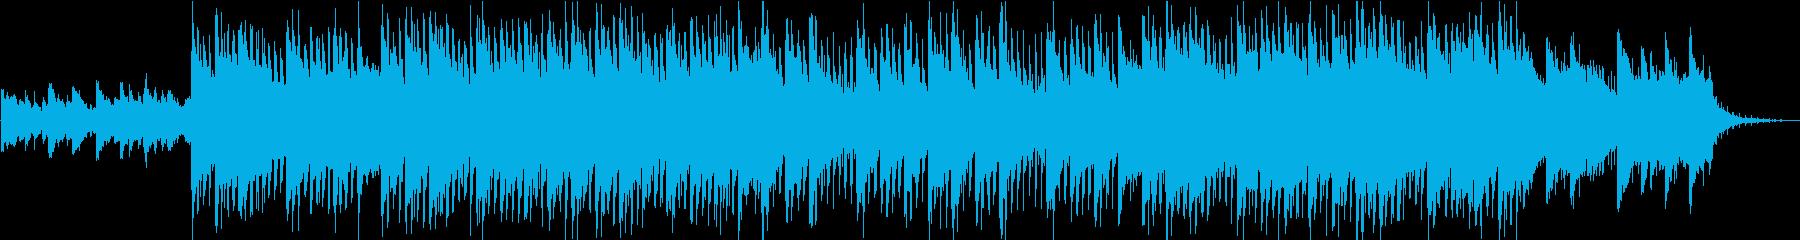 【コーポレート・企業】幻想的・ゆったりの再生済みの波形